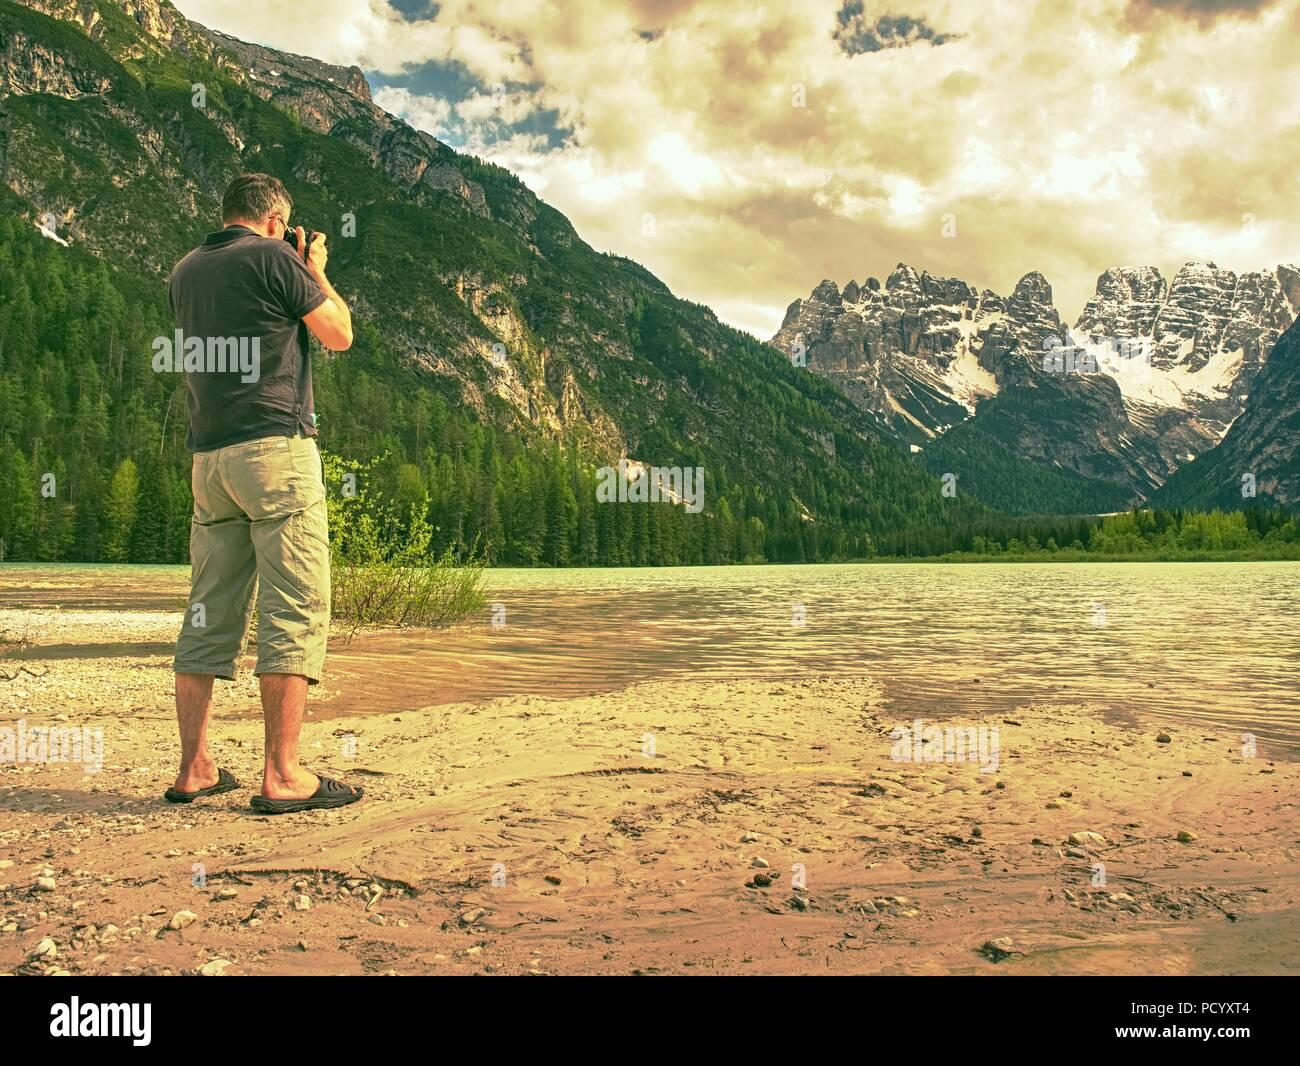 Fotógrafo con ojo a visor está tomando la foto del lago con las montañas de los Alpes en el fondo. Las obras del artista. Imagen De Stock